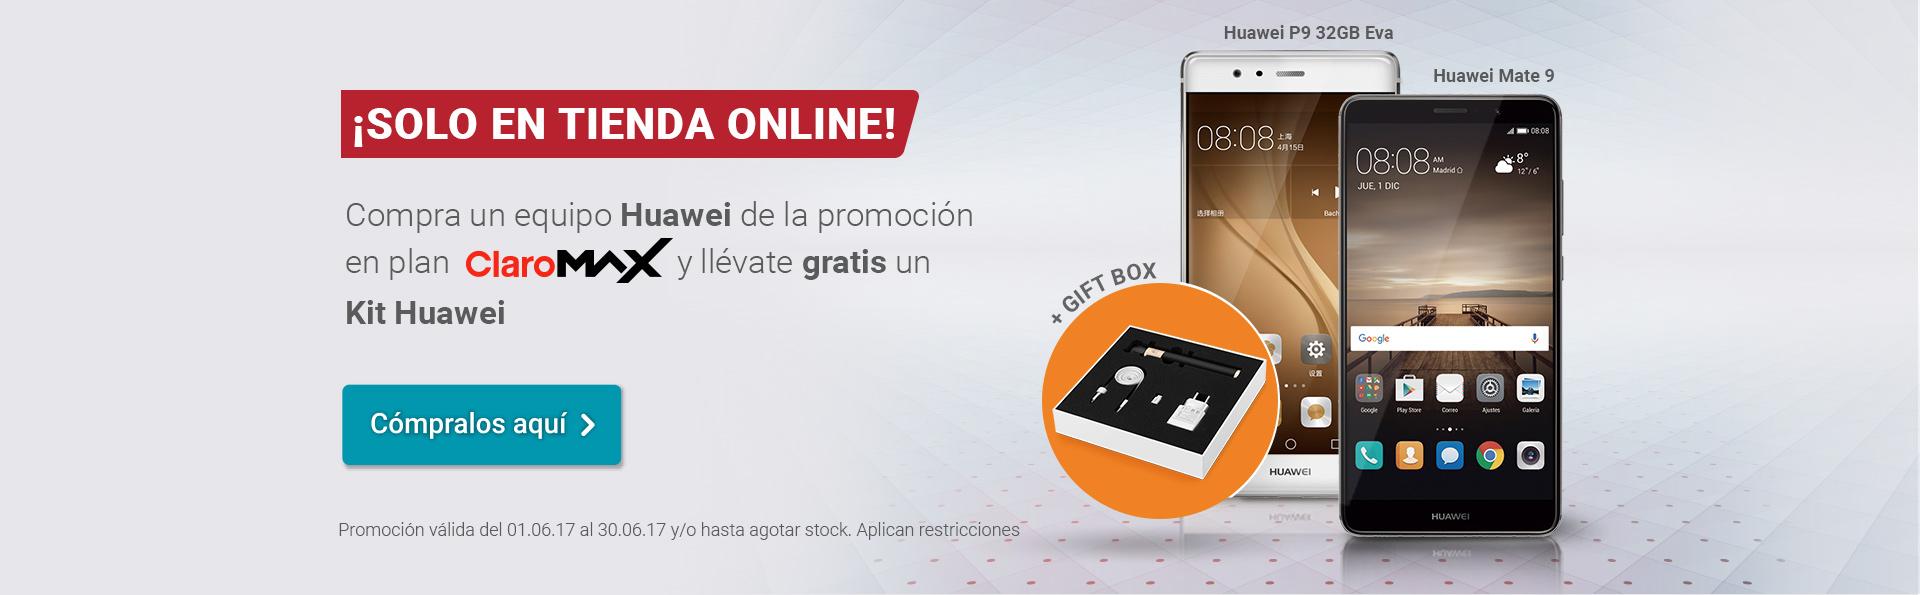 promo-kit-huawei